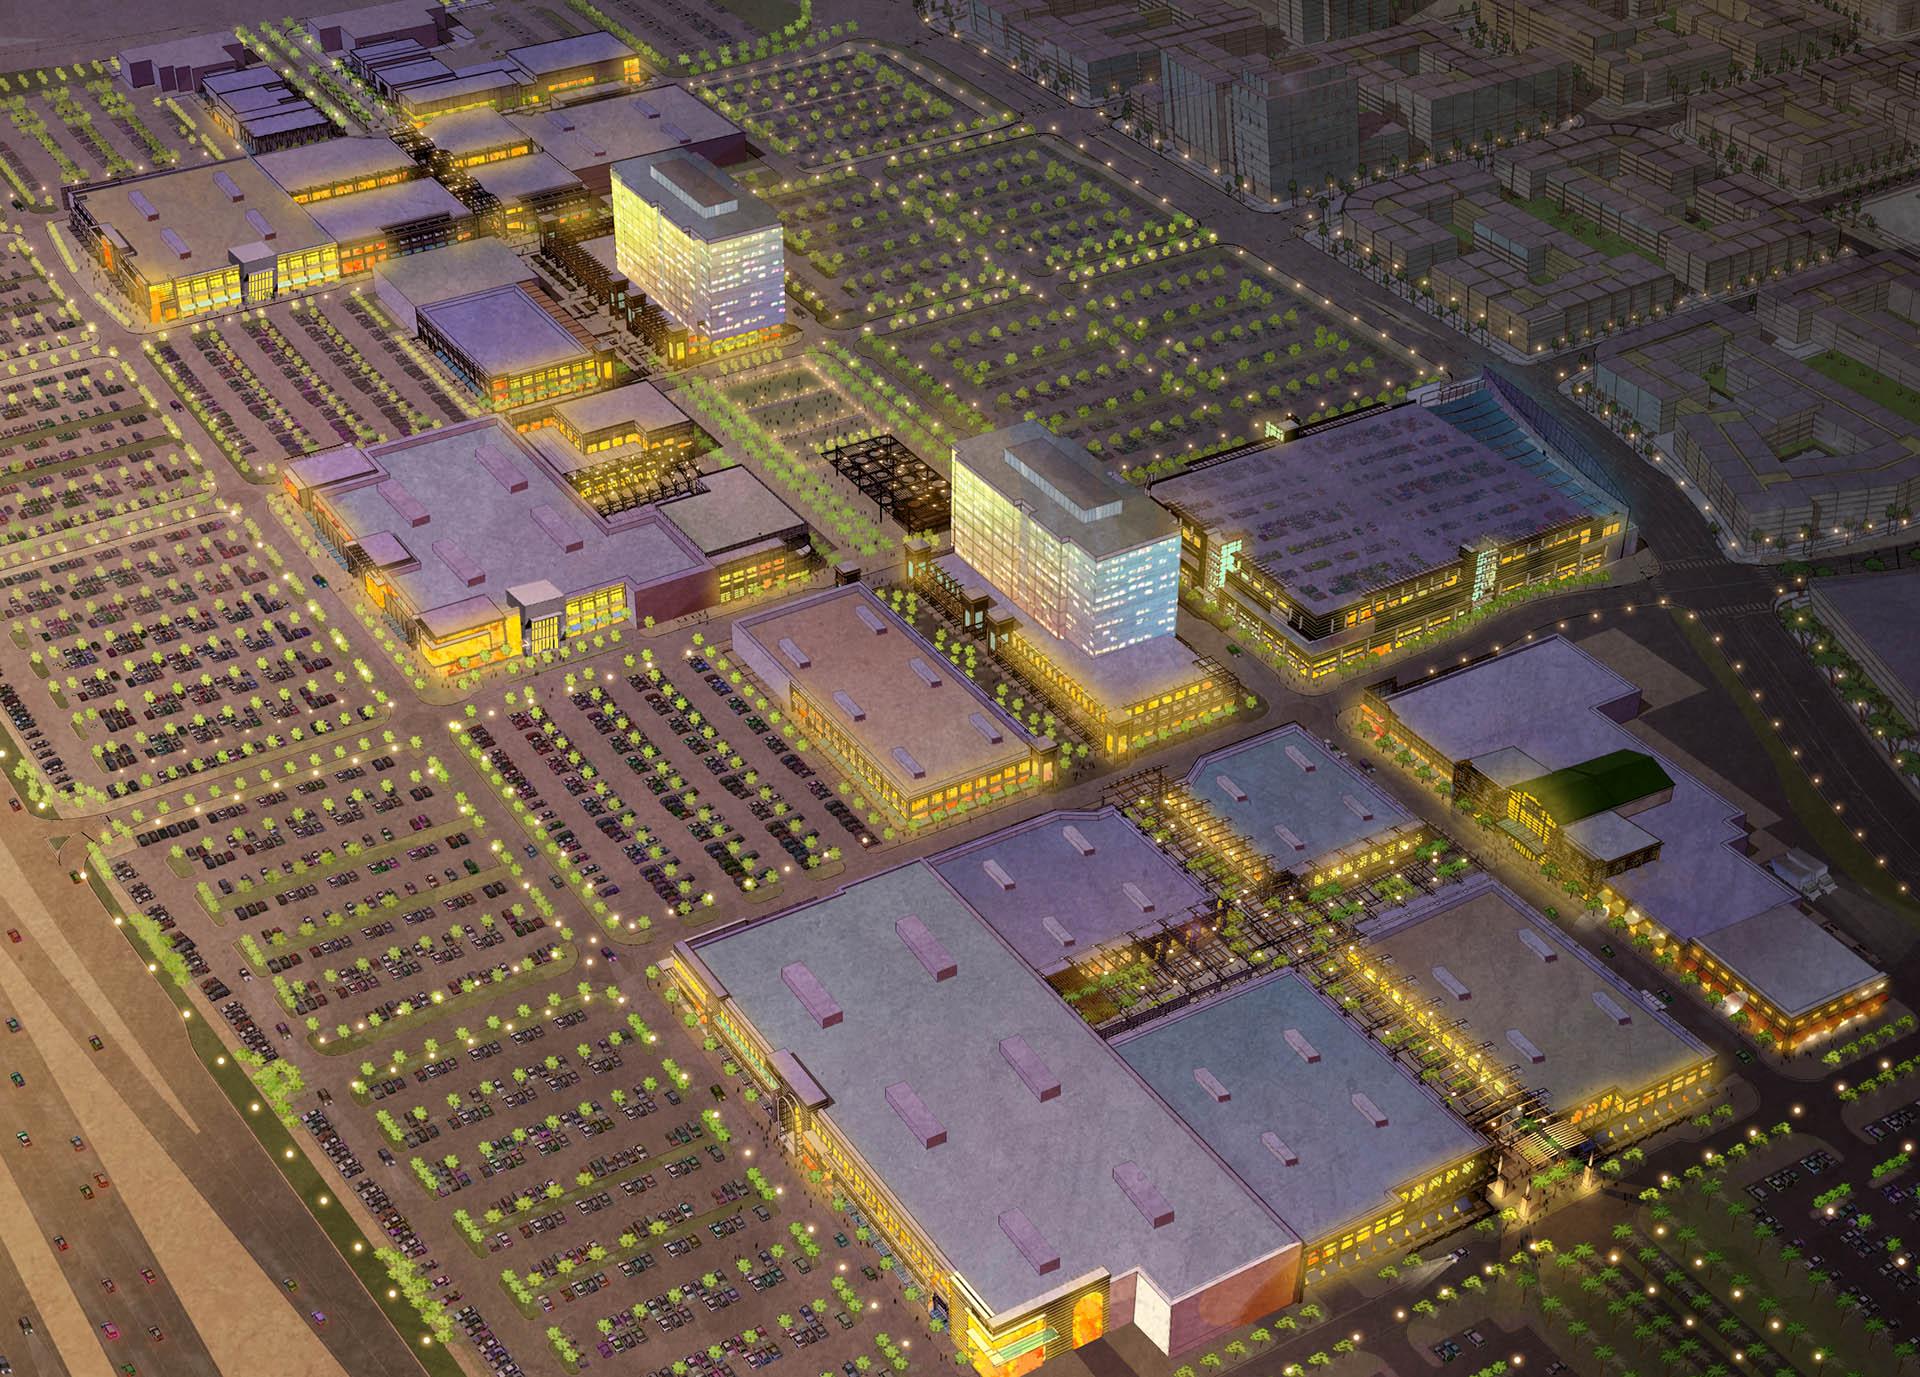 Summerlin Center Aerial View